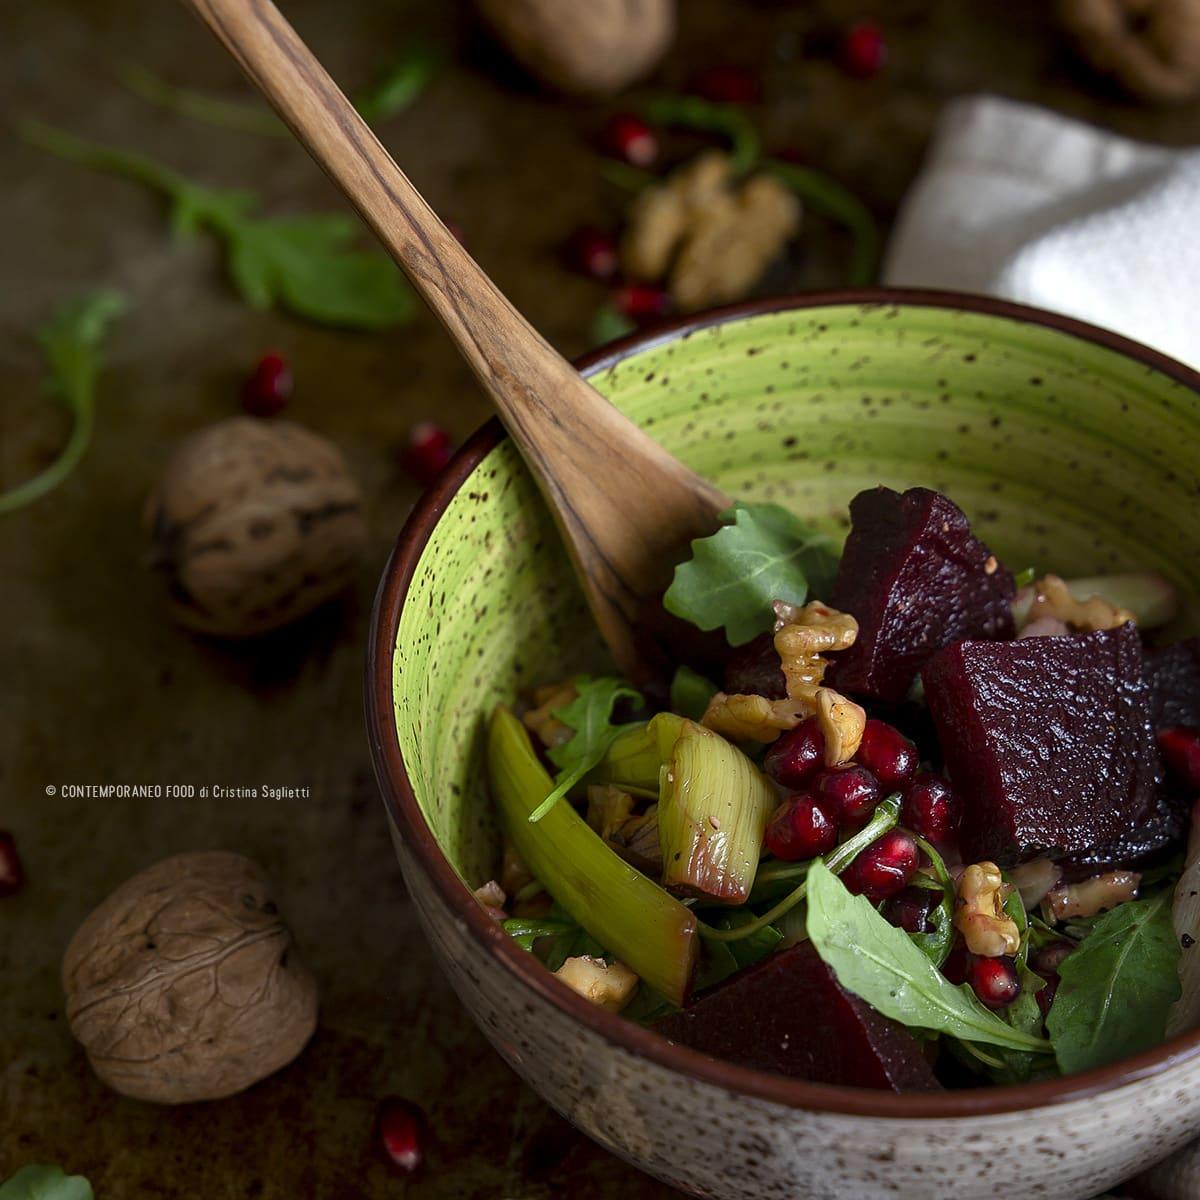 barbabietola-rossa-in-insalata-noci-porri-melograno-ricetta-light-facile-dieta-contemporaneo-food